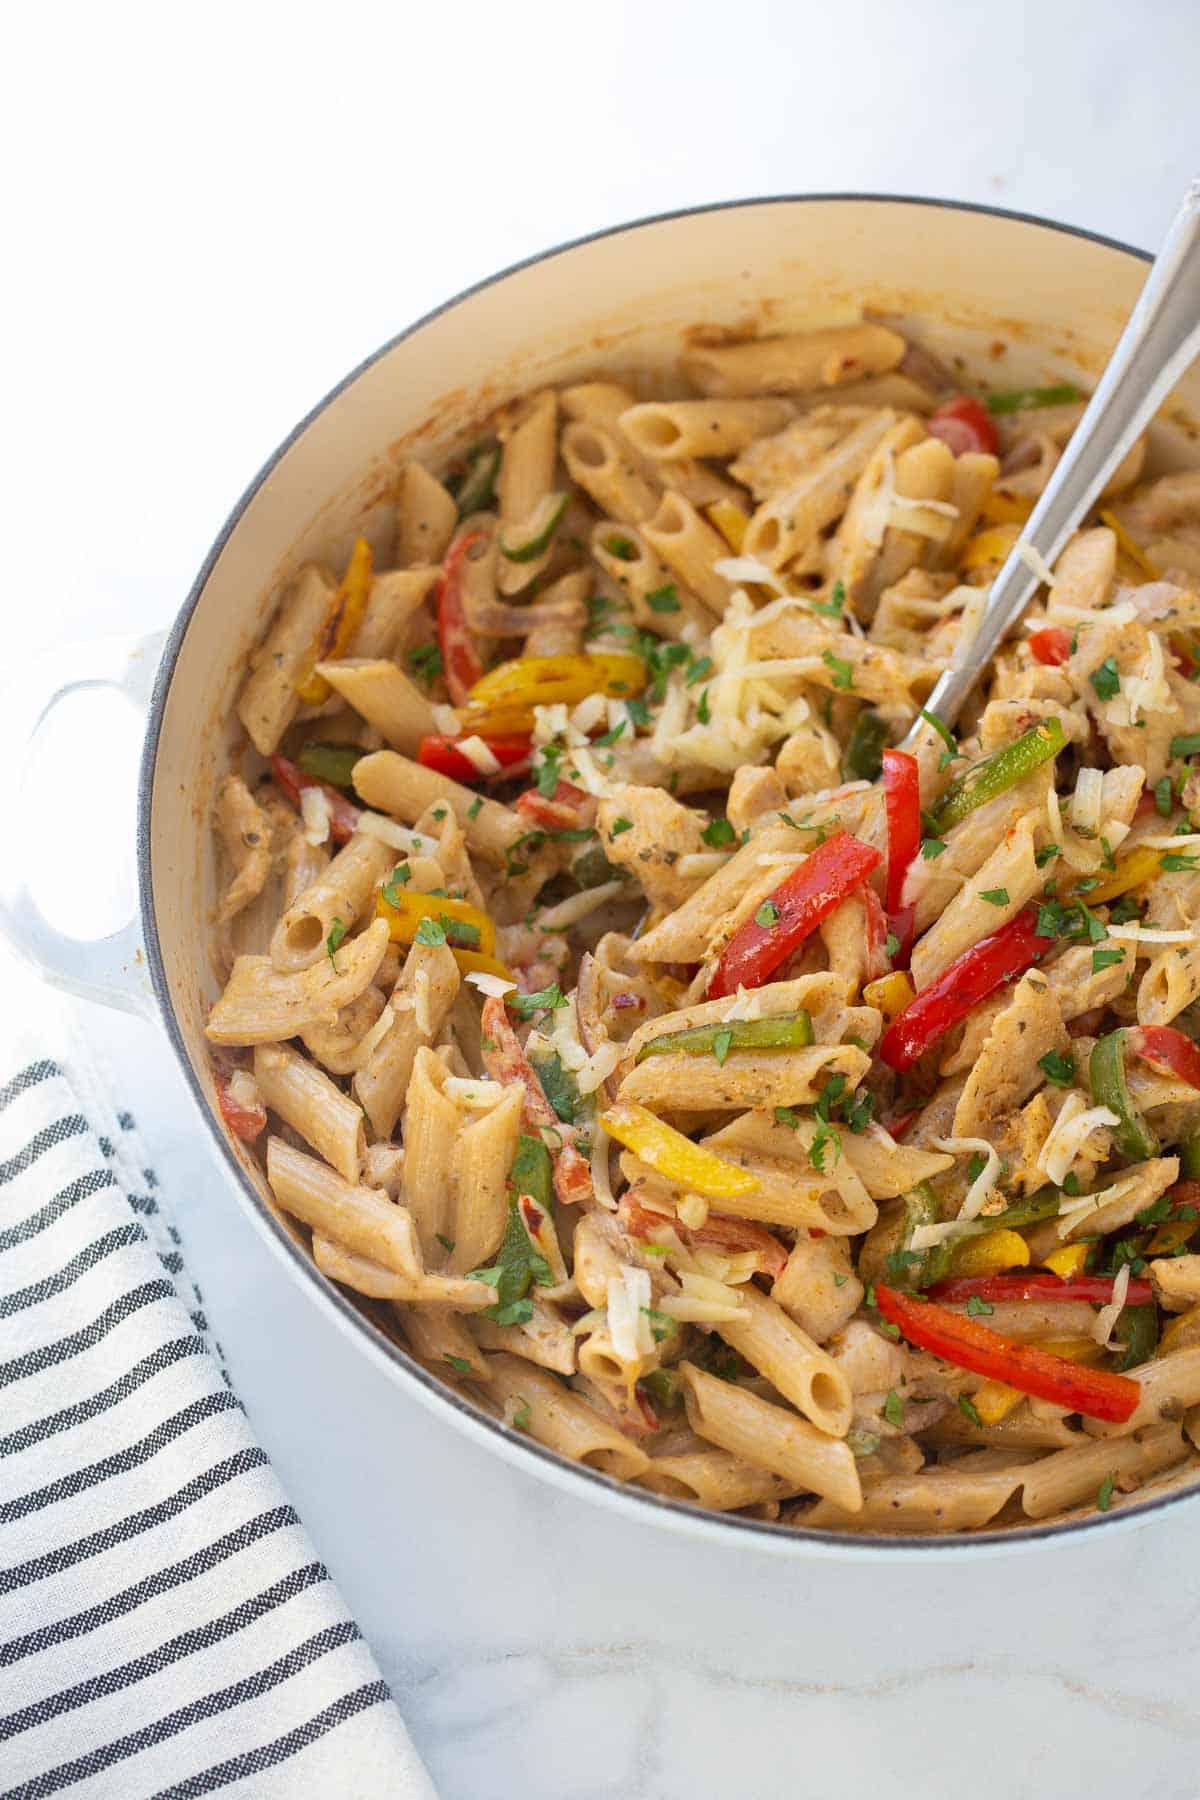 gluten-free fajita pasta in large cooking skillet